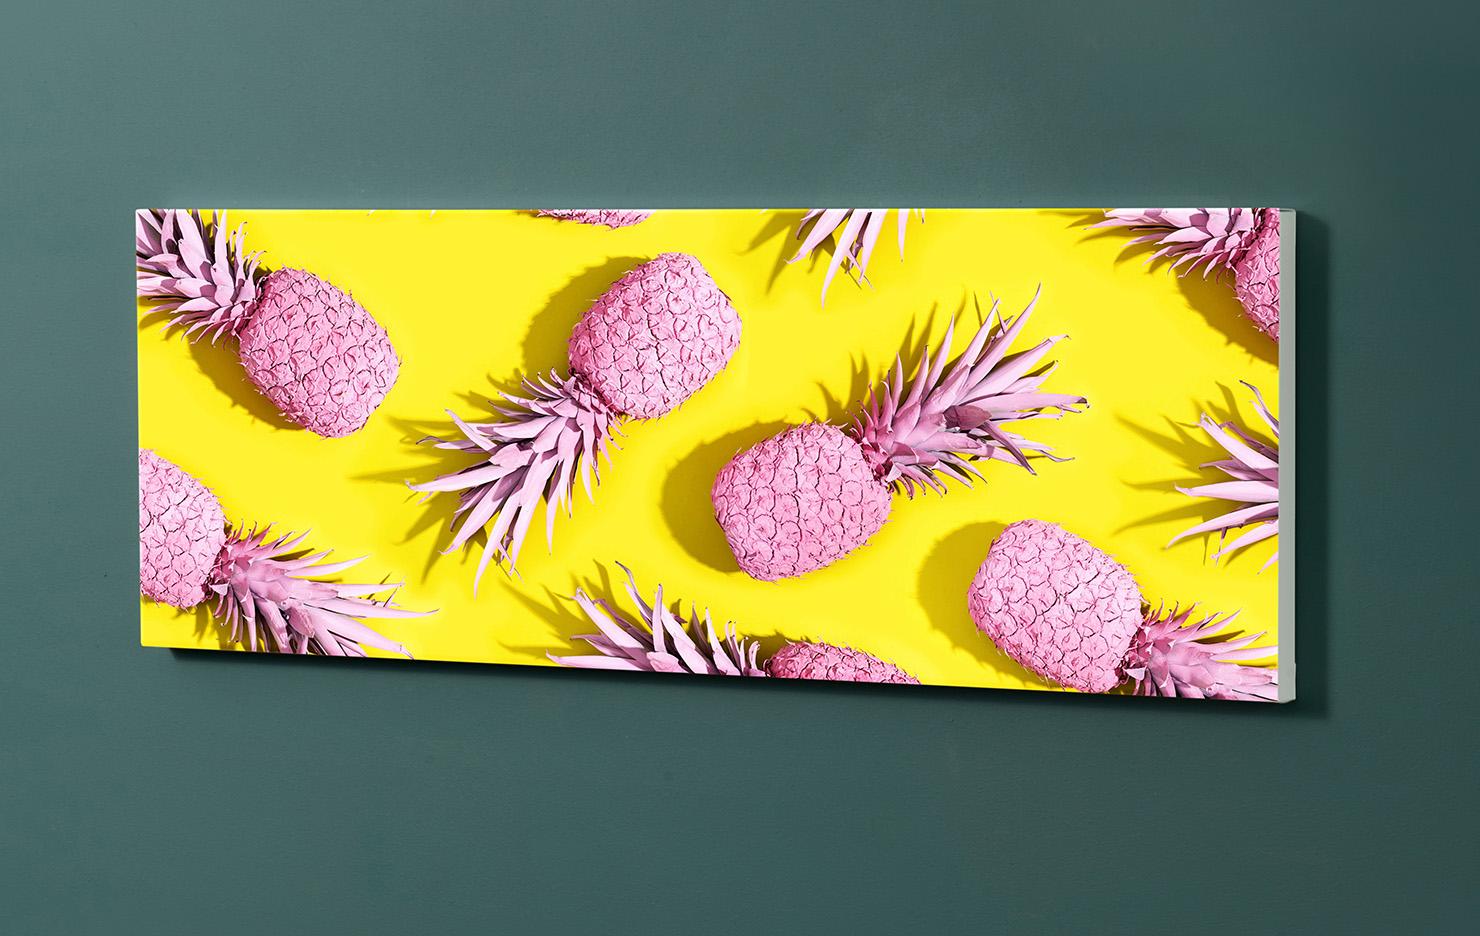 Magnettafel NOTIZ 90x30cm Motiv-Pinnwand M144 Ananas